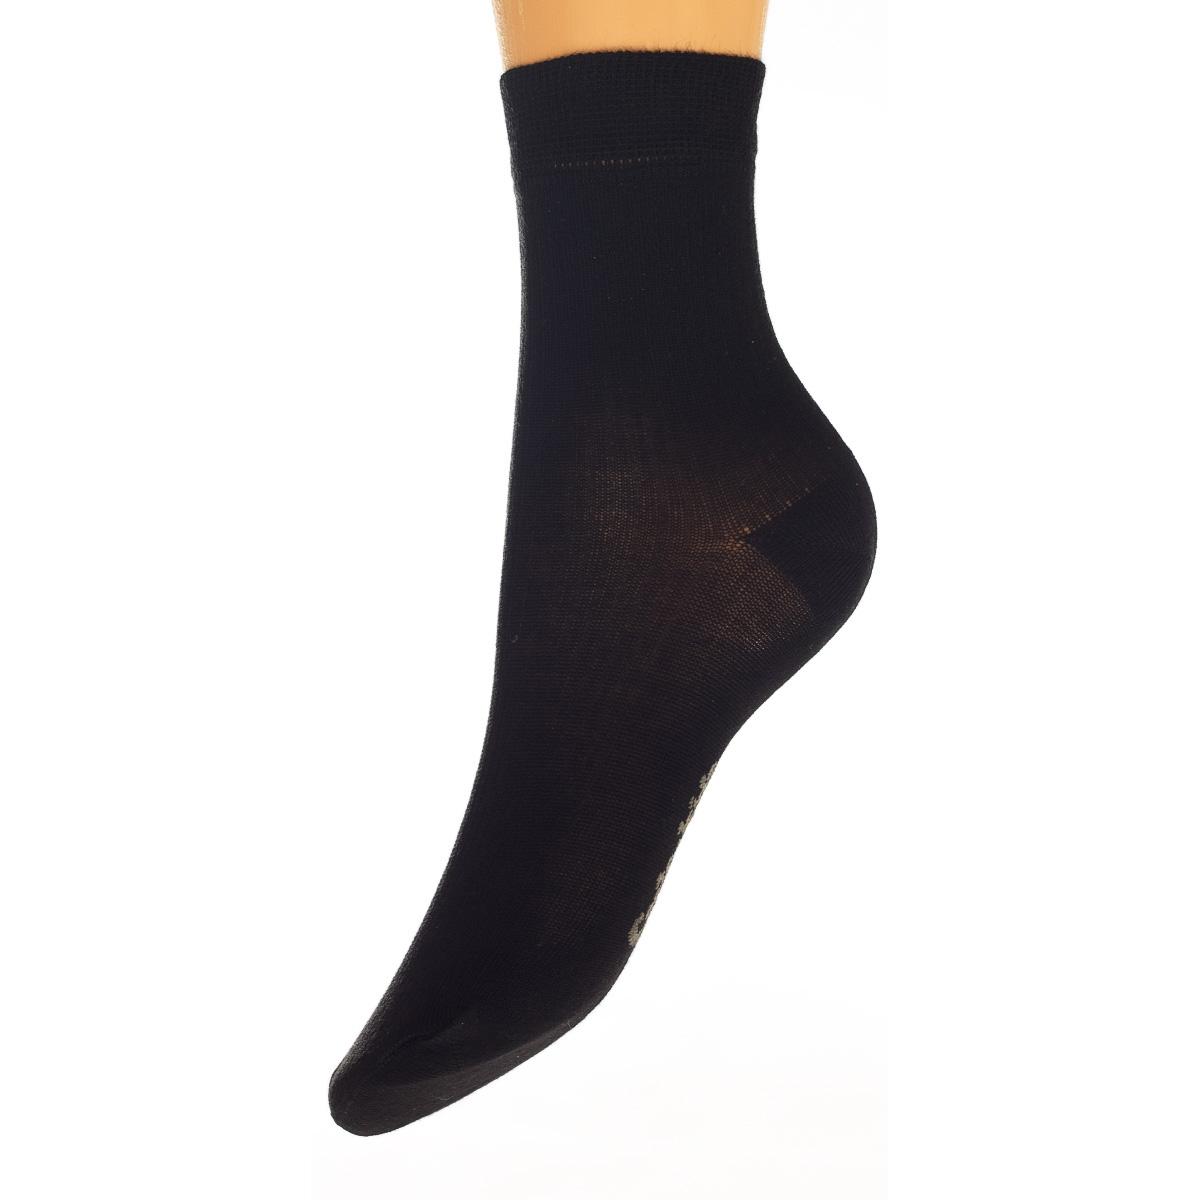 Носки15421-237Удобные носочки для мальчика Conte-Kids Class, изготовленные из высококачественного комбинированного материала, очень мягкие и приятные на ощупь, позволяют коже дышать. Модель оформлена эластичной резинкой в паголенке, которая плотно облегает ногу, обеспечивая комфорт и удобство.